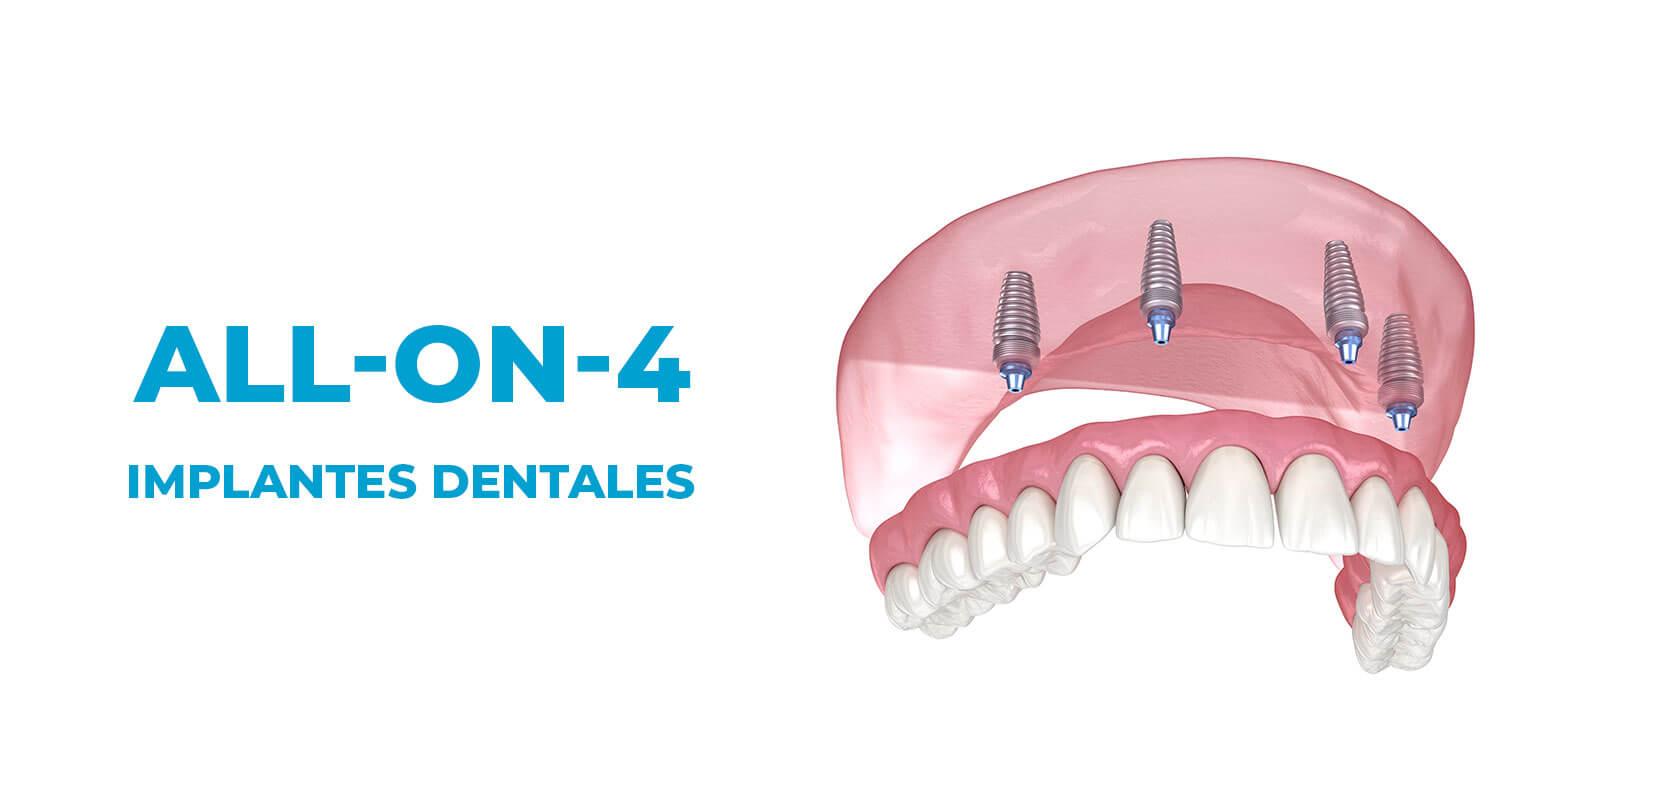 all on 4 blogn dentales